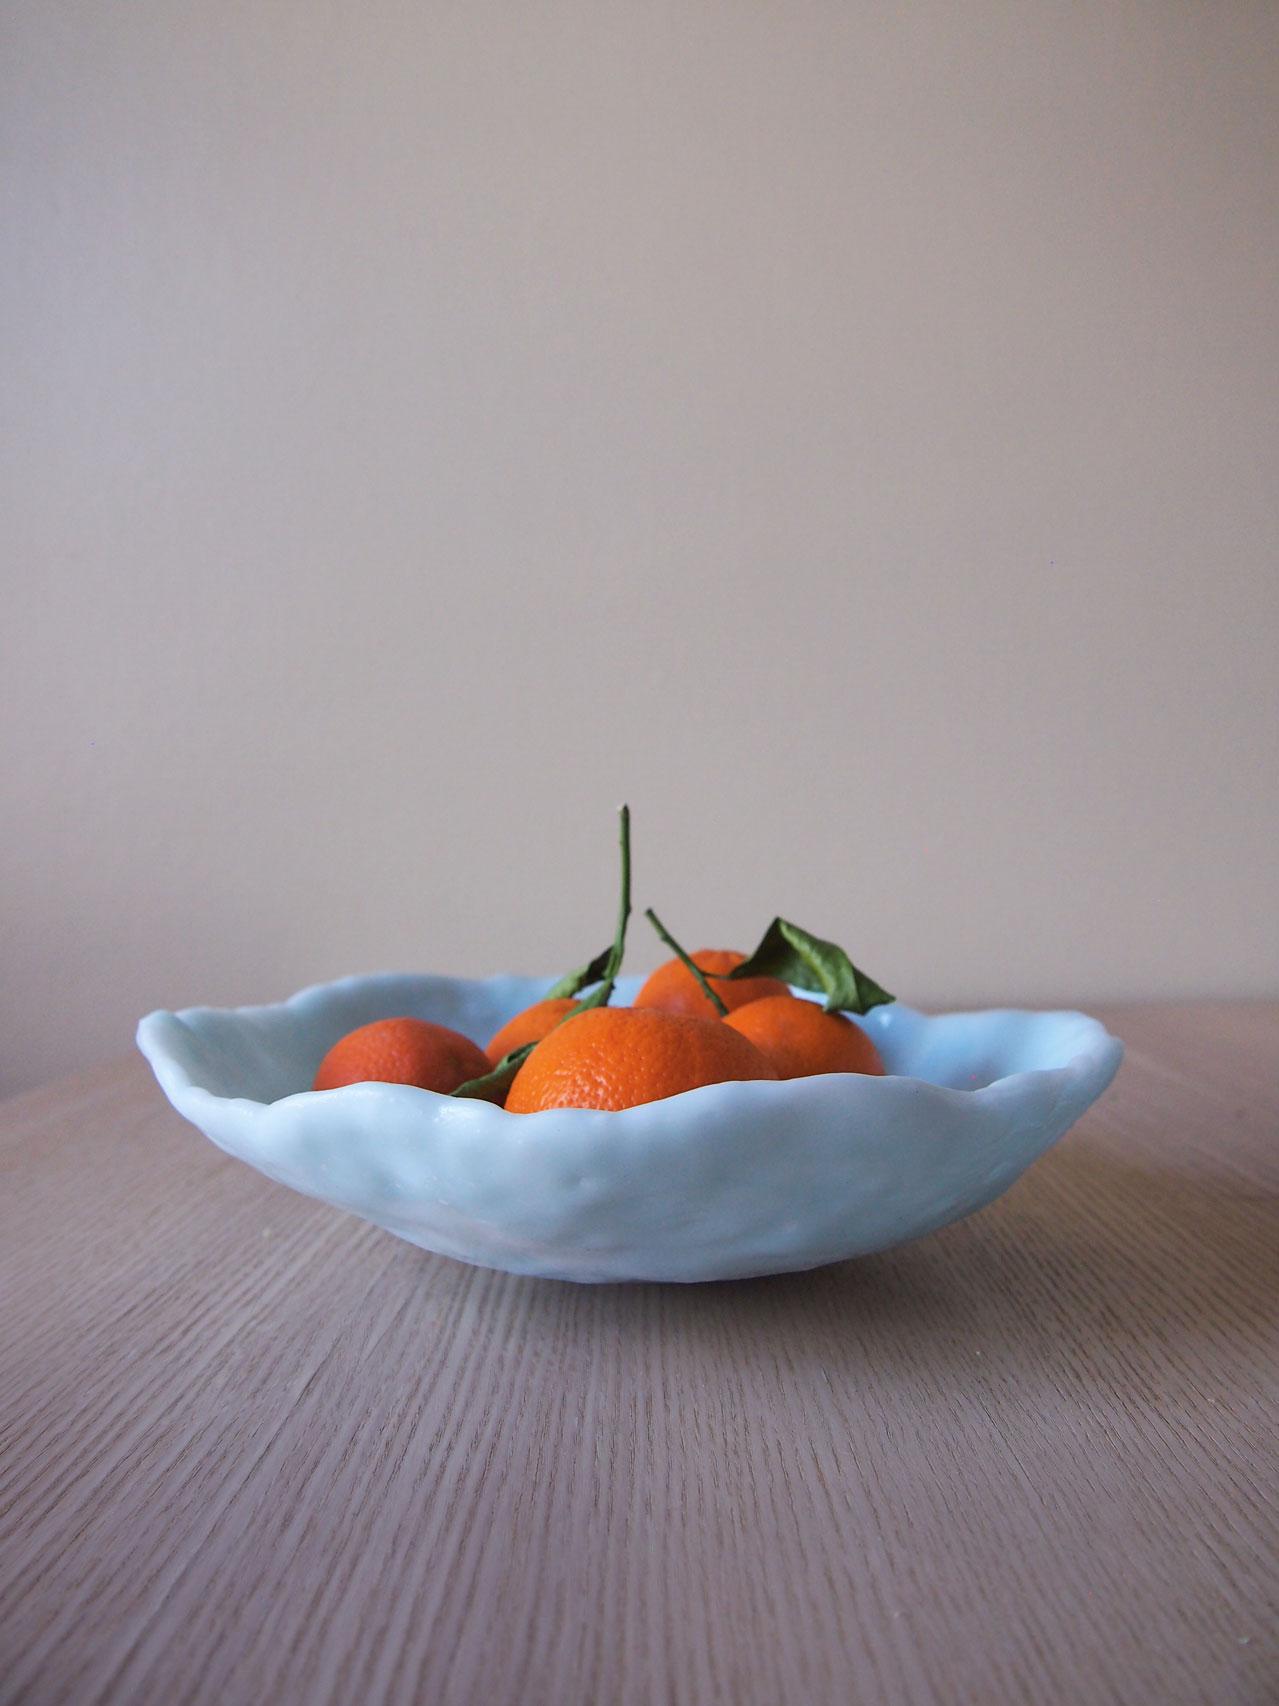 DIY translucent fruit bowl designed by Aandersson